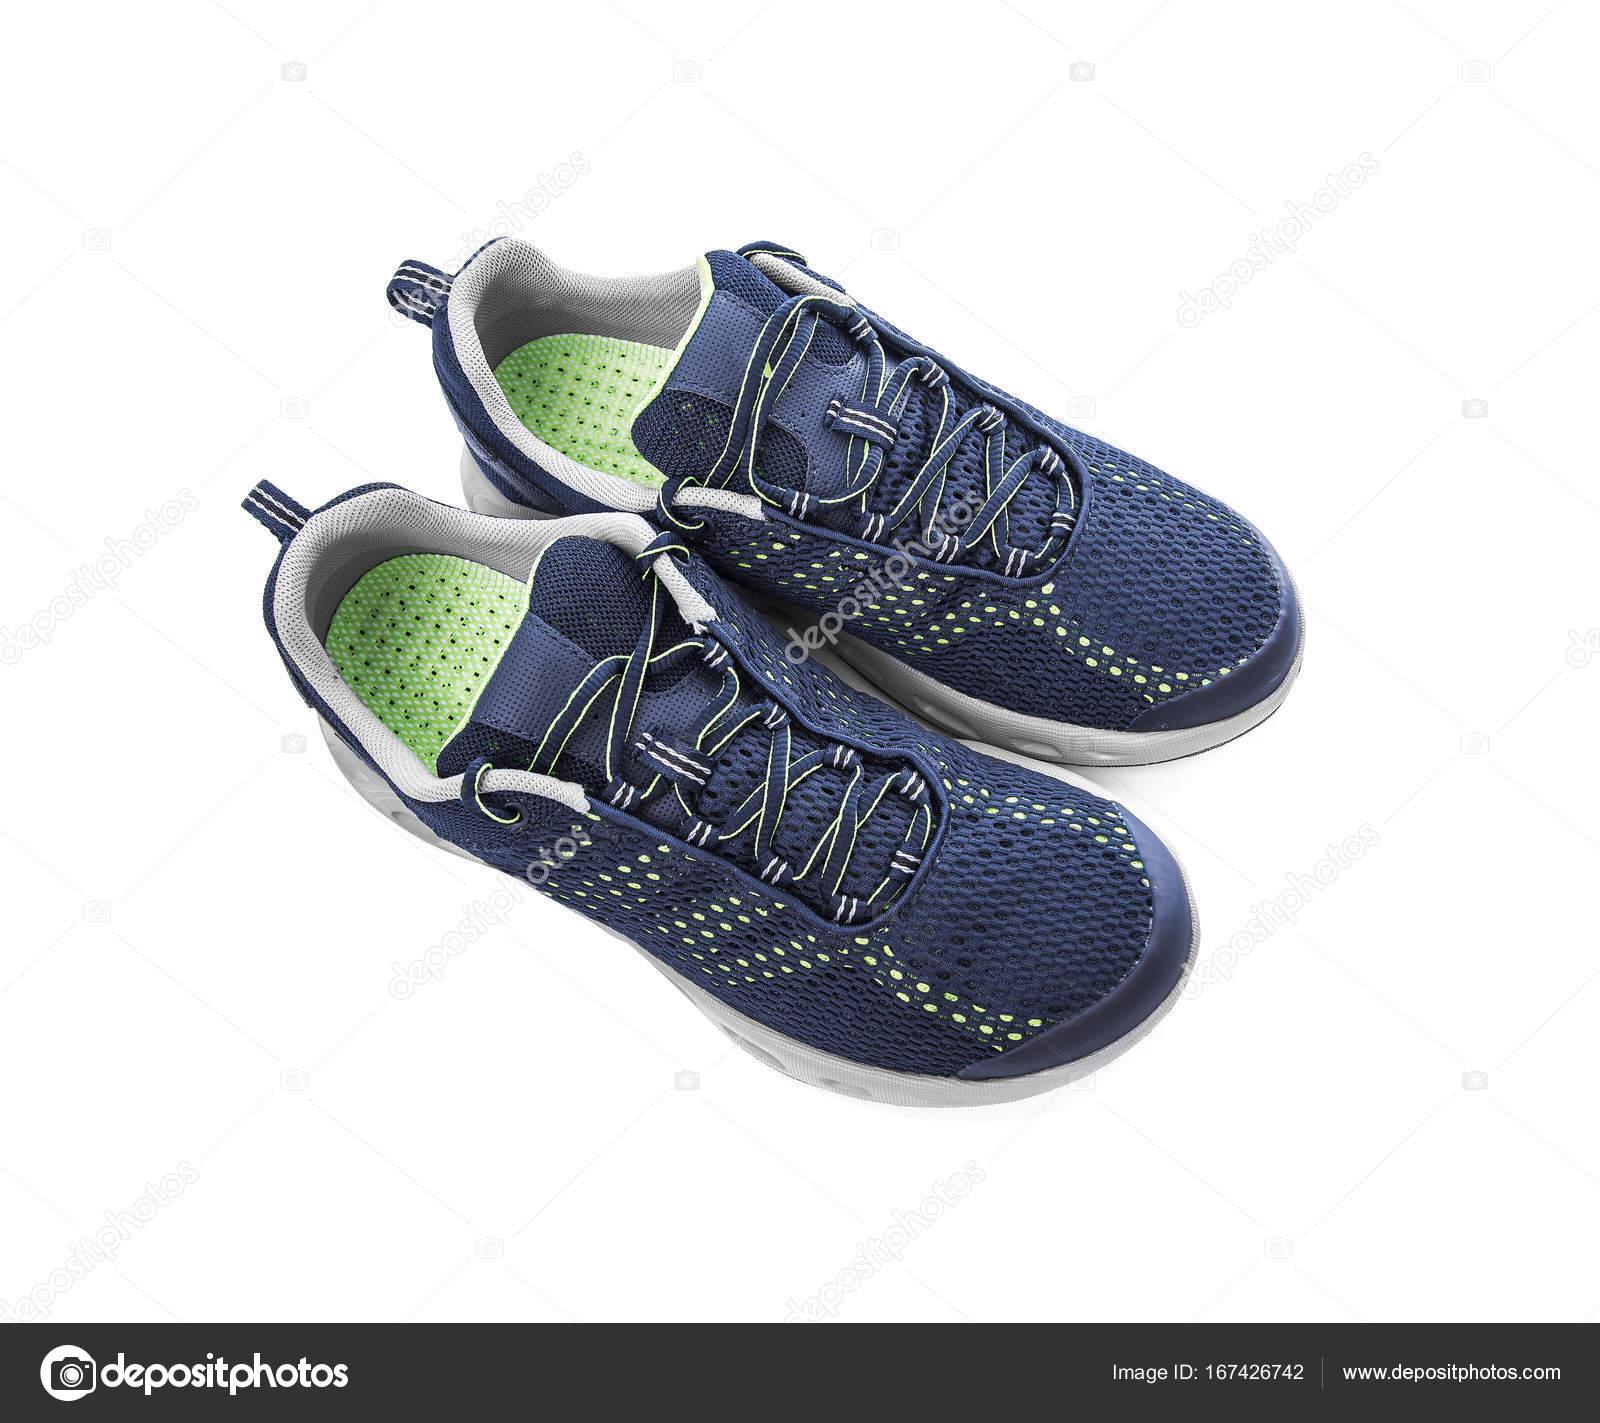 prezzo più basso 12e6a c1e2f Non di marca scarpe da ginnastica isolati su sfondo bianco ...